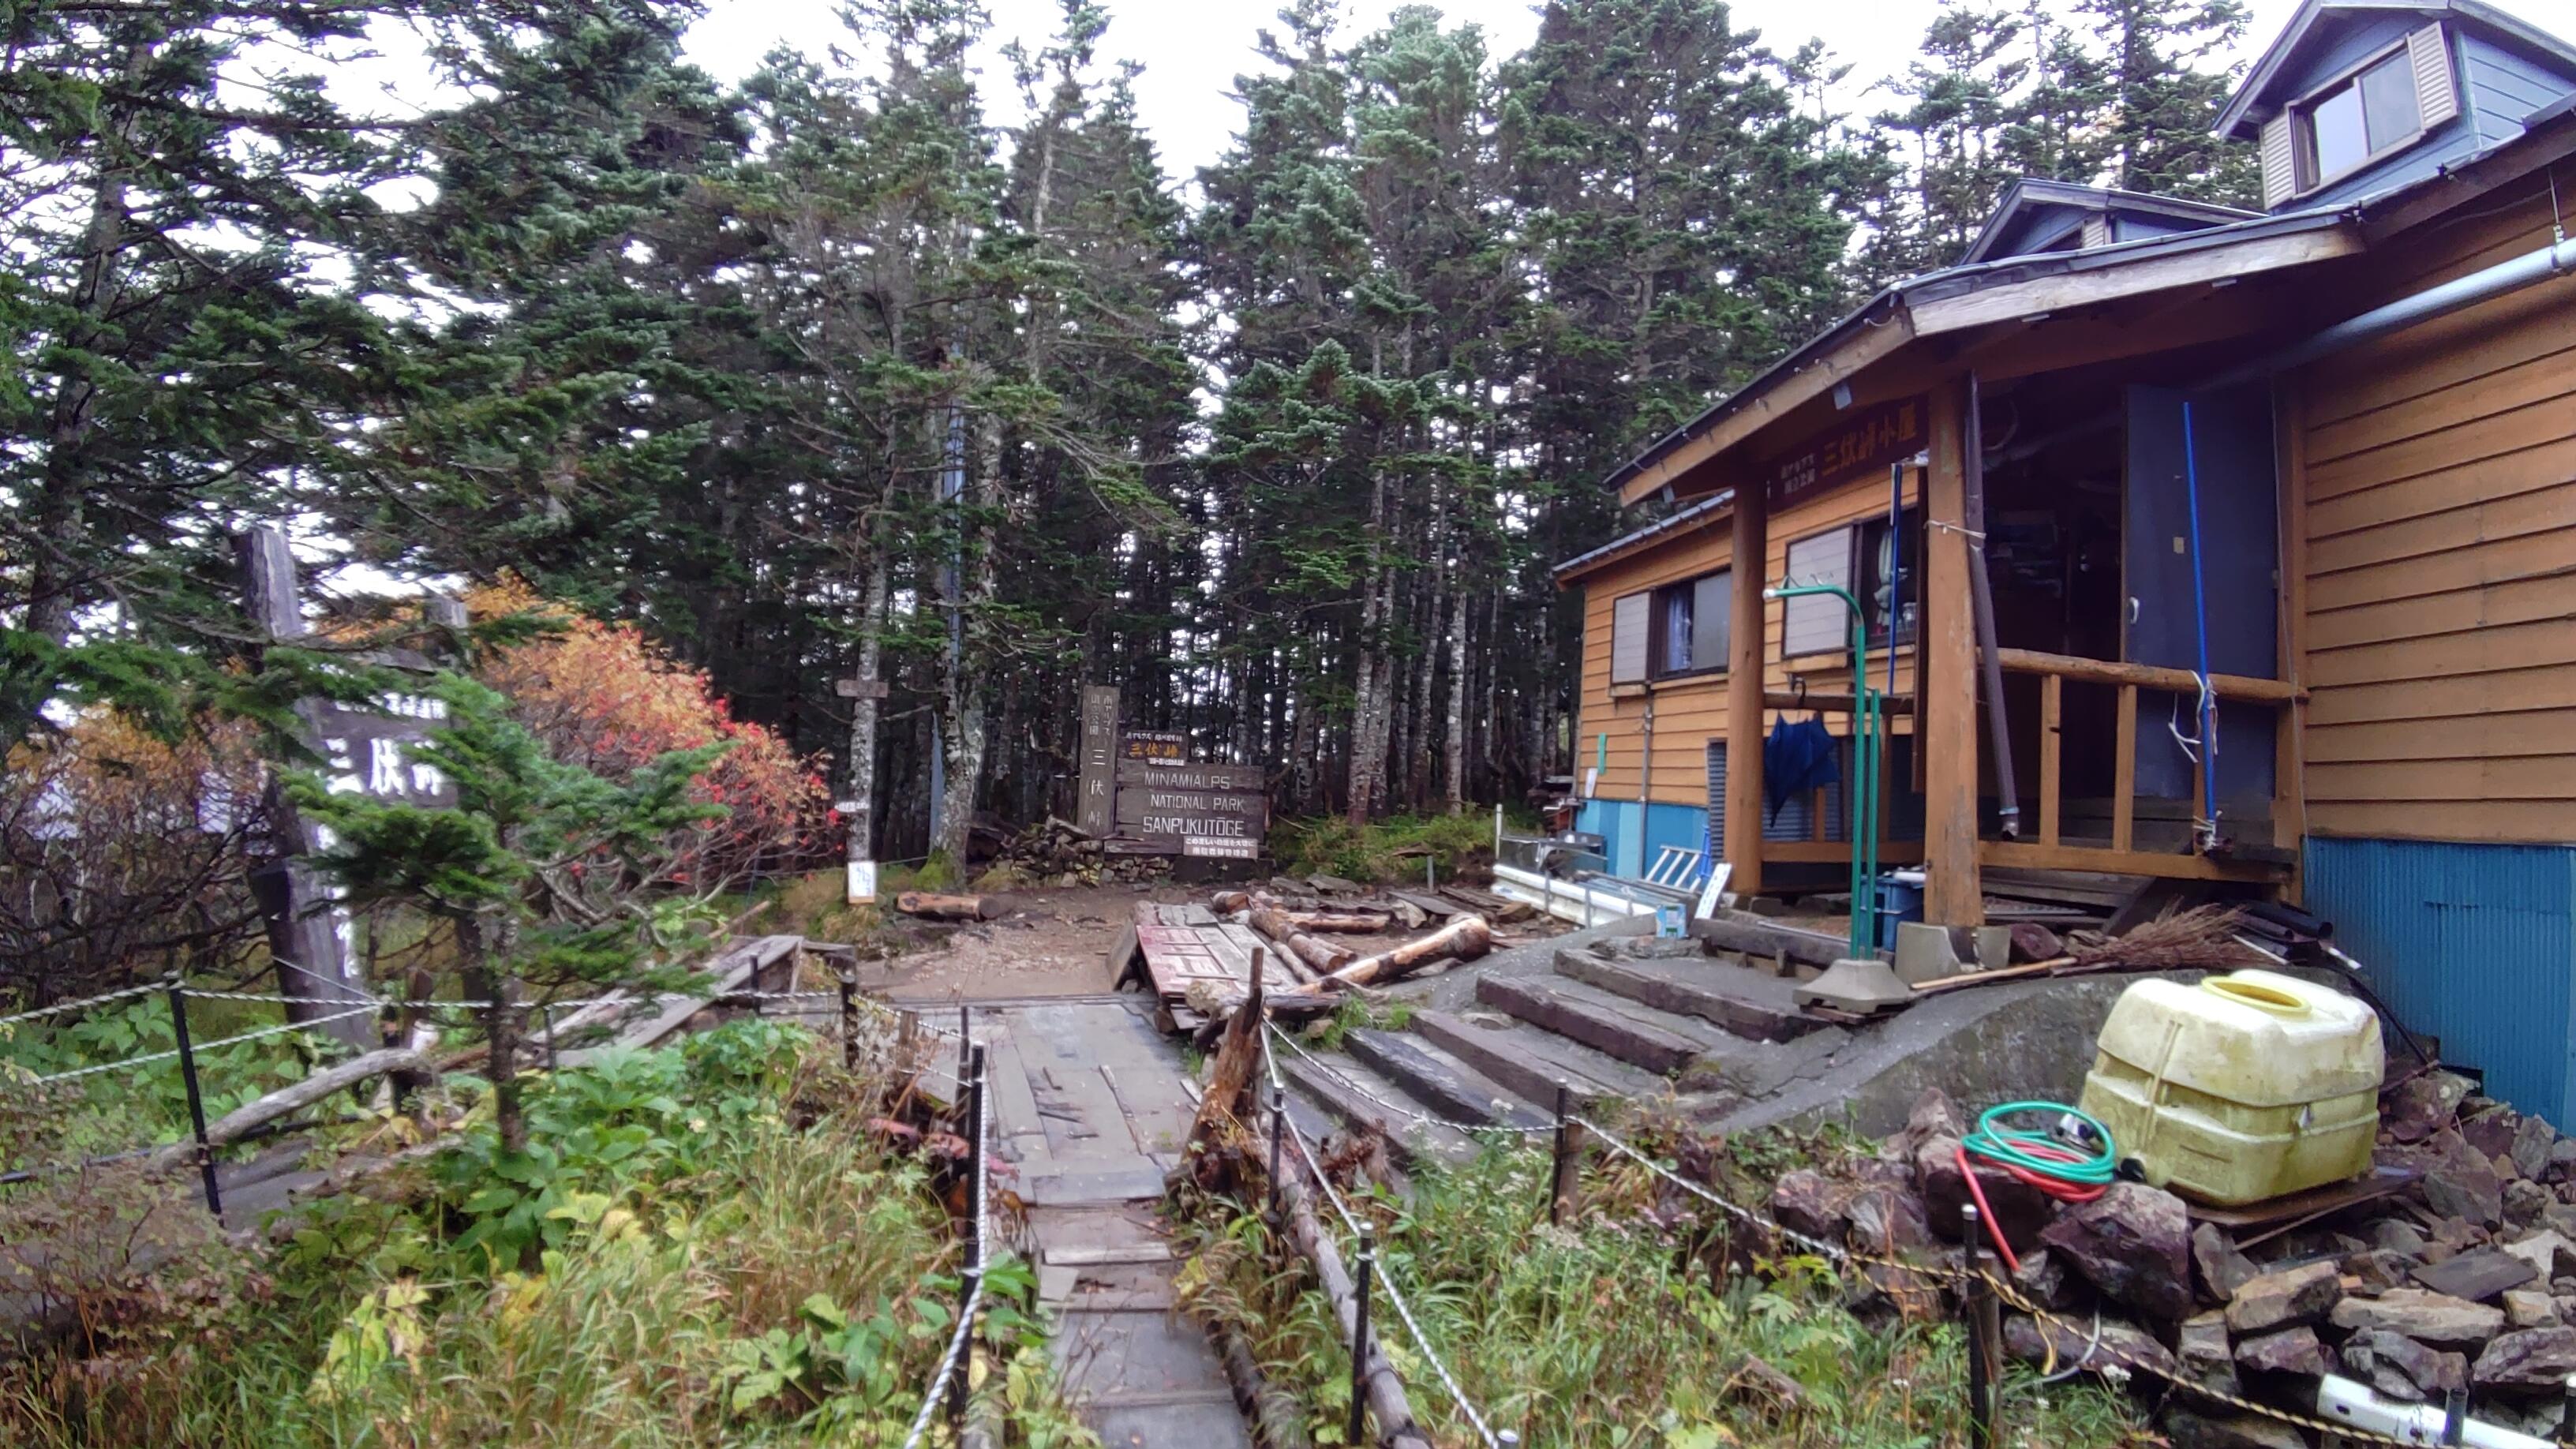 南アルプス 塩見岳 (3047m) 登山 【2018/09/27~29】☆1日目の写真☆と ~学んだ事・感じた事~